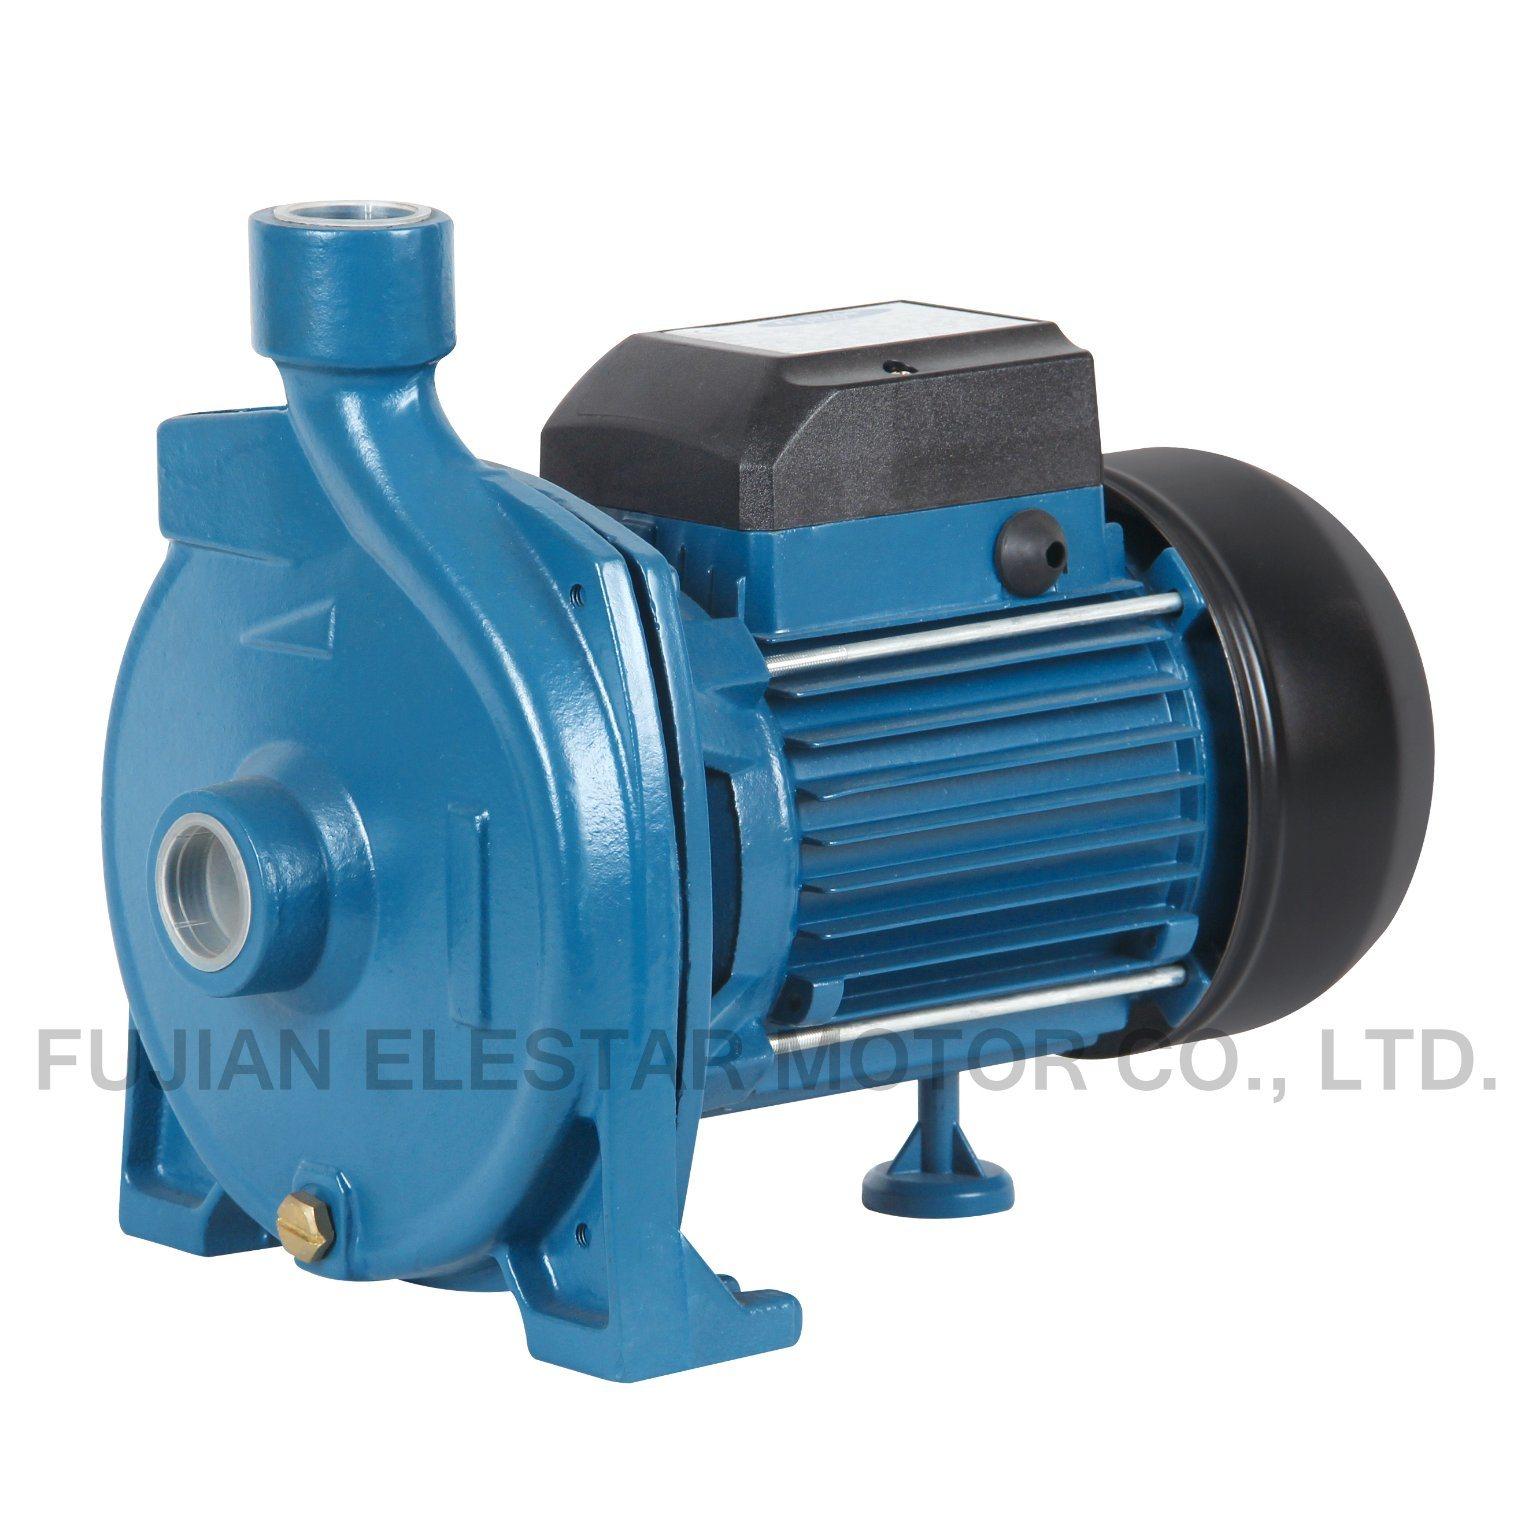 Cpm Electric High Pressure Pump with Terminal Block